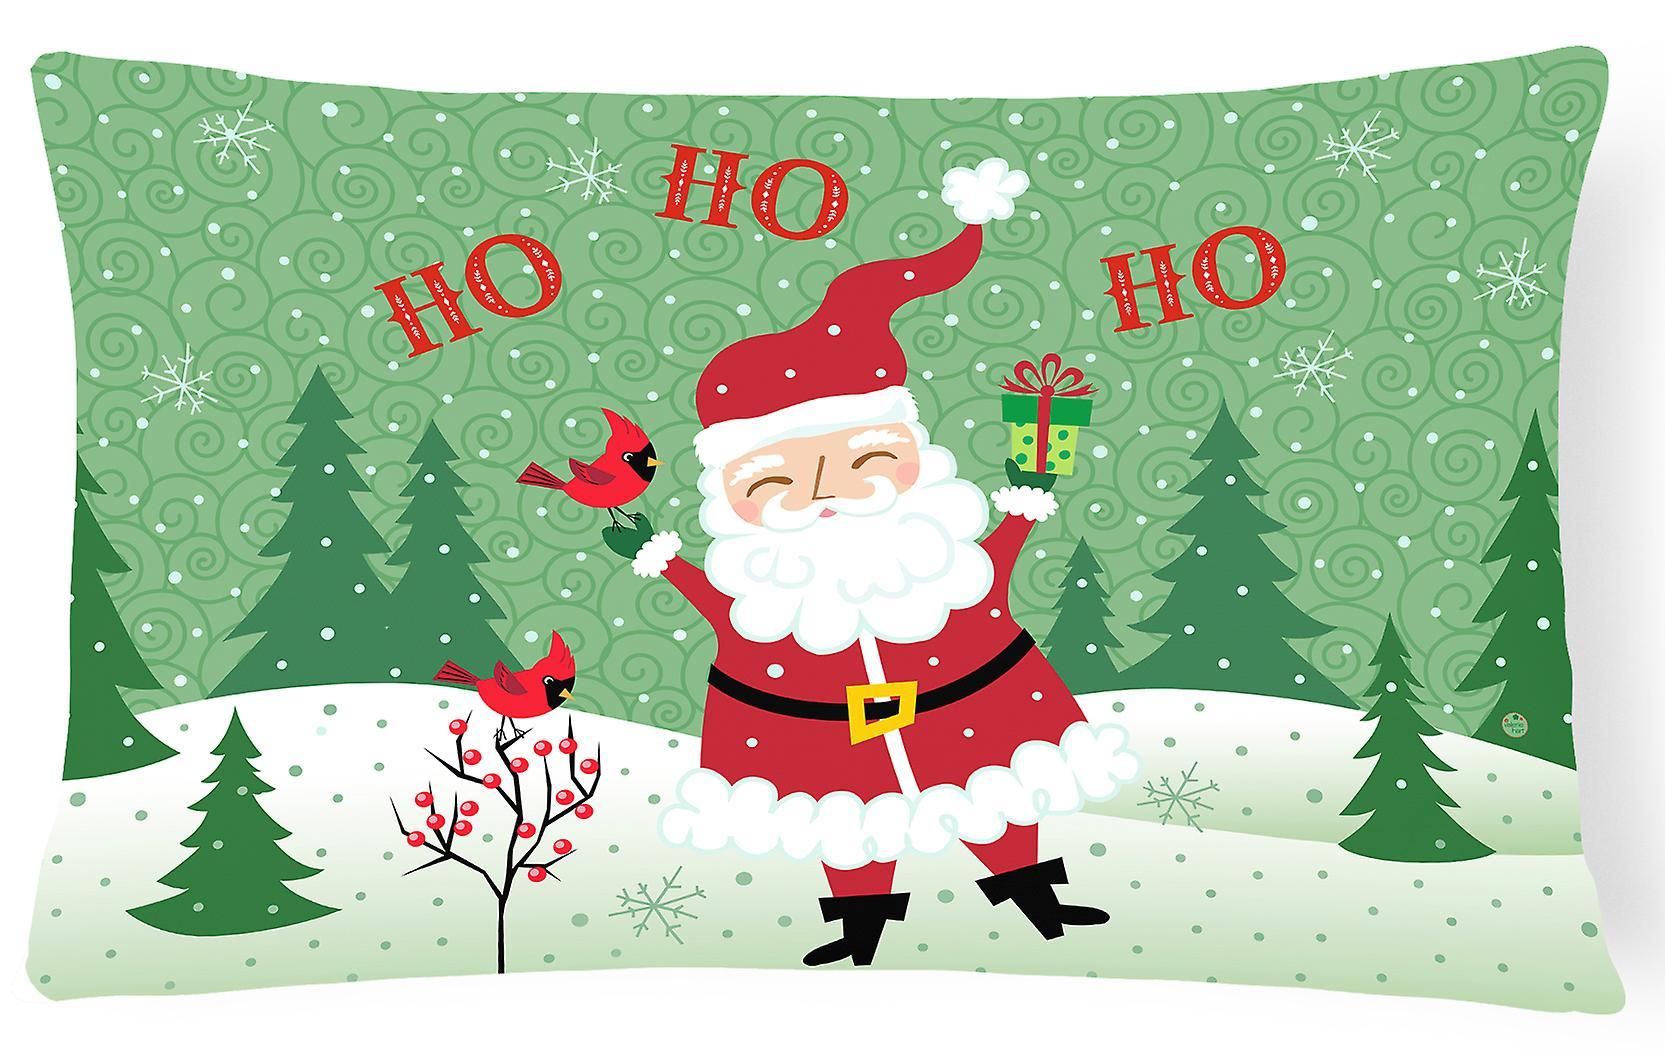 Ho Ho Ho Frohe Weihnachten.Frohe Weihnachten Santa Claus Ho Ho Ho Fabric Dekorative Kissen